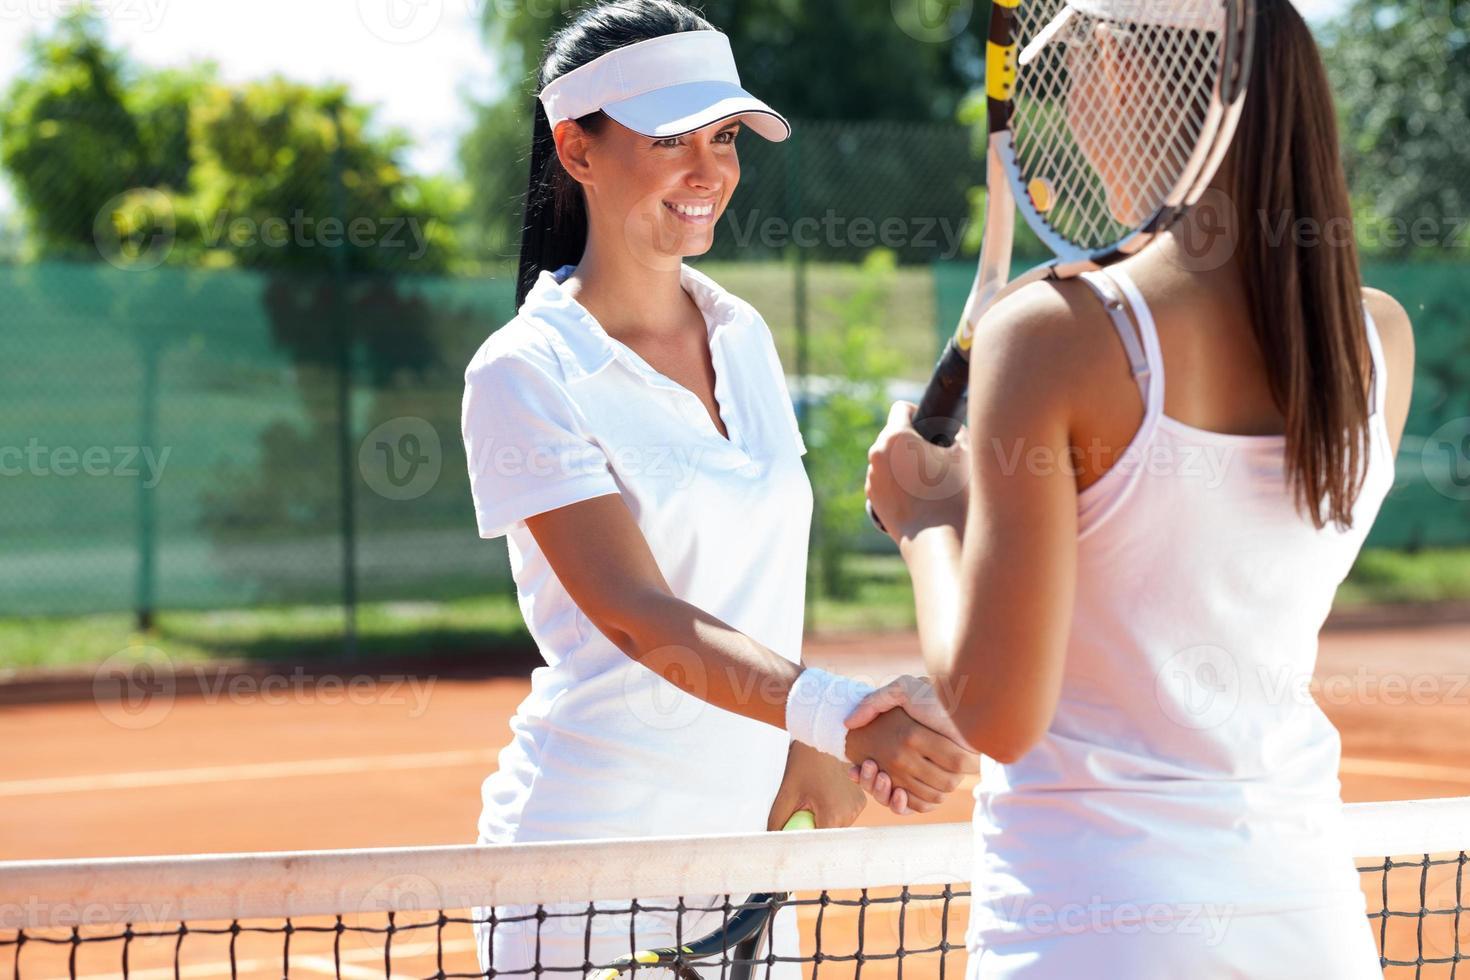 Tennisspielerinnen Händeschütteln foto